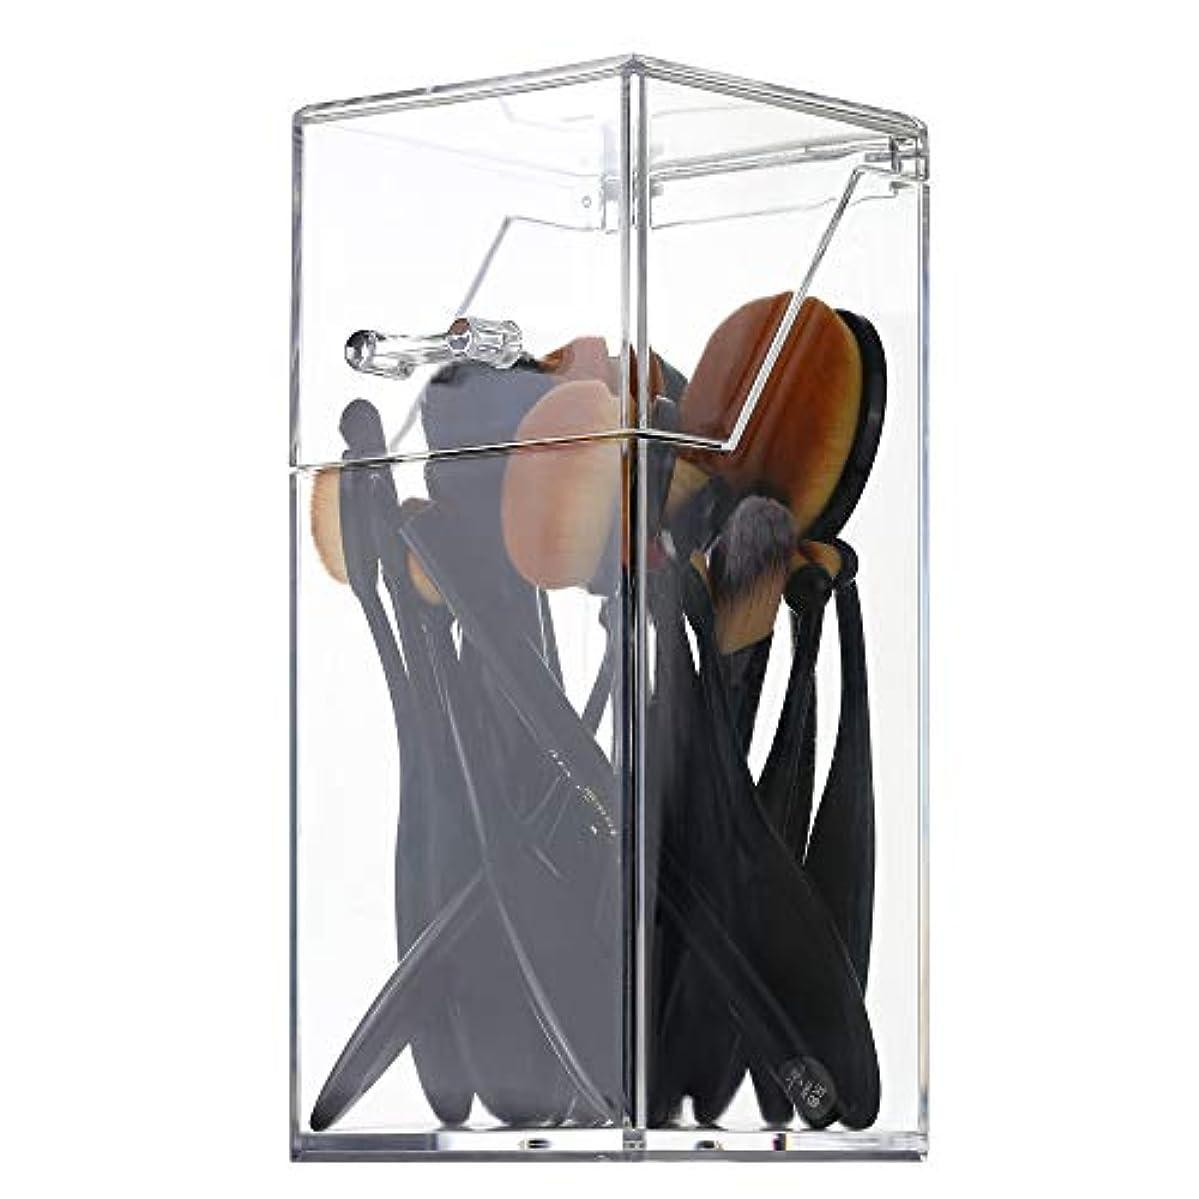 処方選択する約束するメイクボックス メイクブラシ収納 Decdeal 透明 ふた付き 防塵 持ち運び アクリルケース 化粧品収納ボックス 口紅 化粧ブラシ 文房具 小物入れ 卓上収納ケース